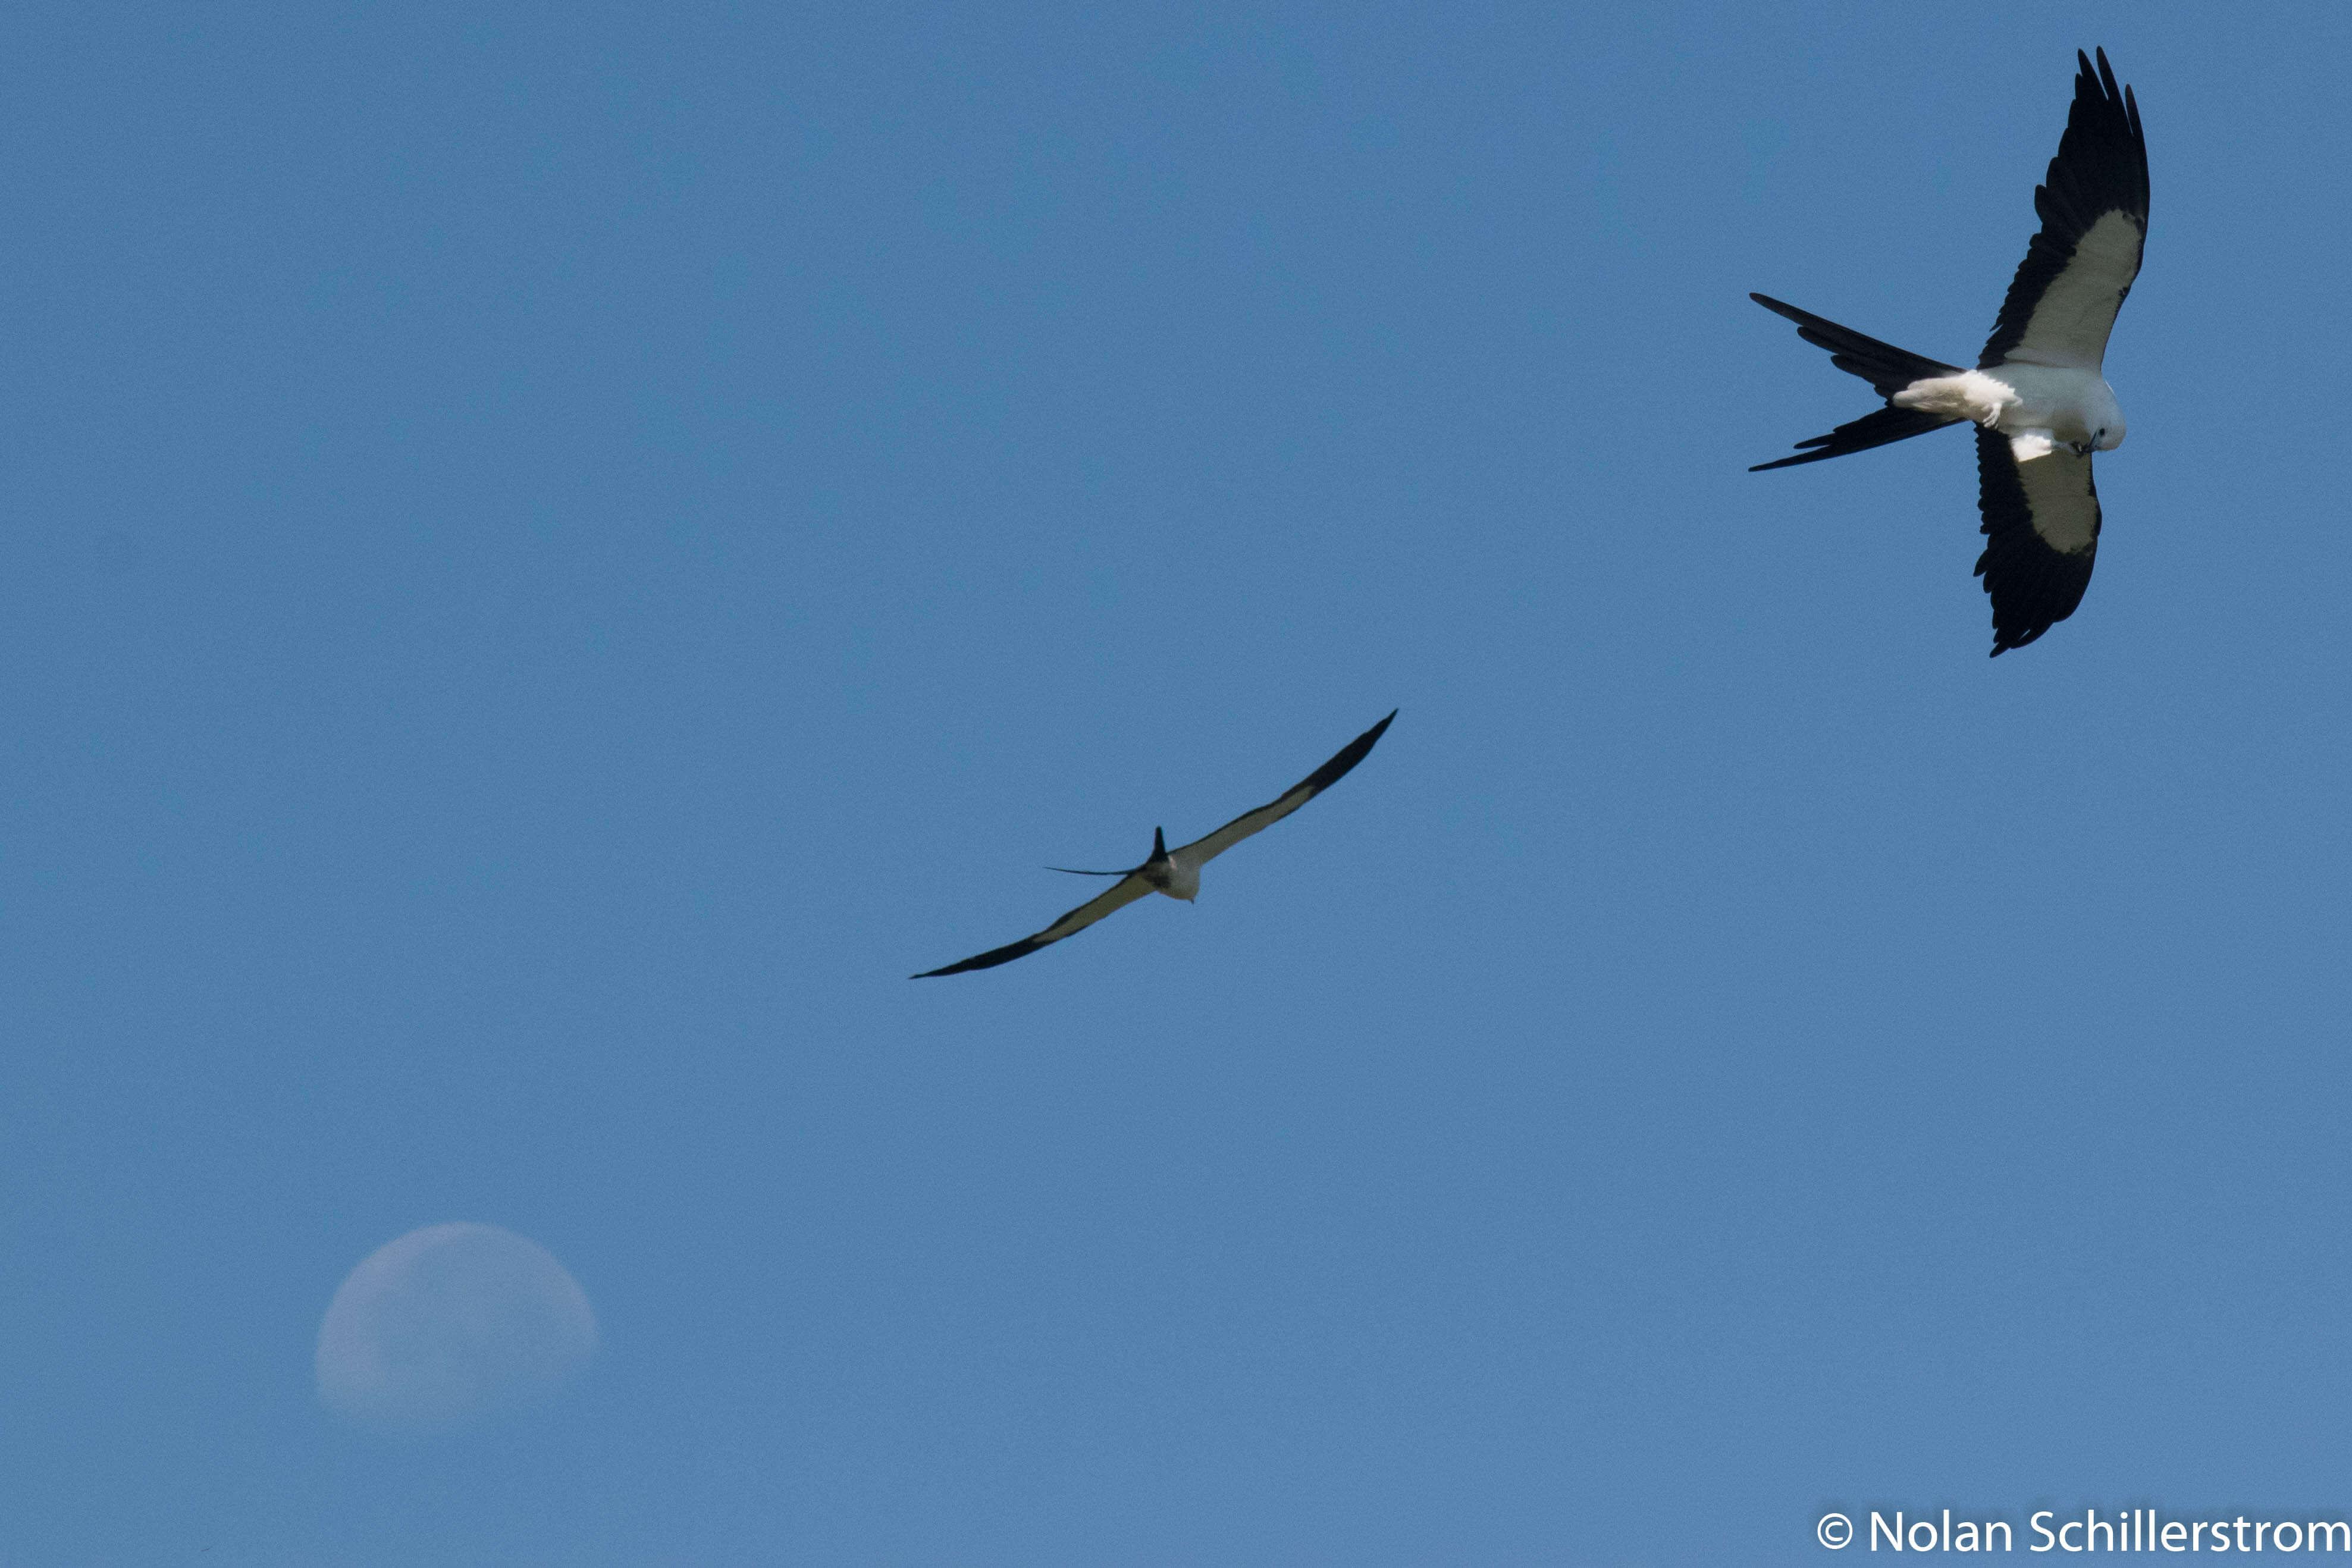 Kites with moon, courtesy Nolan Schillerstrom